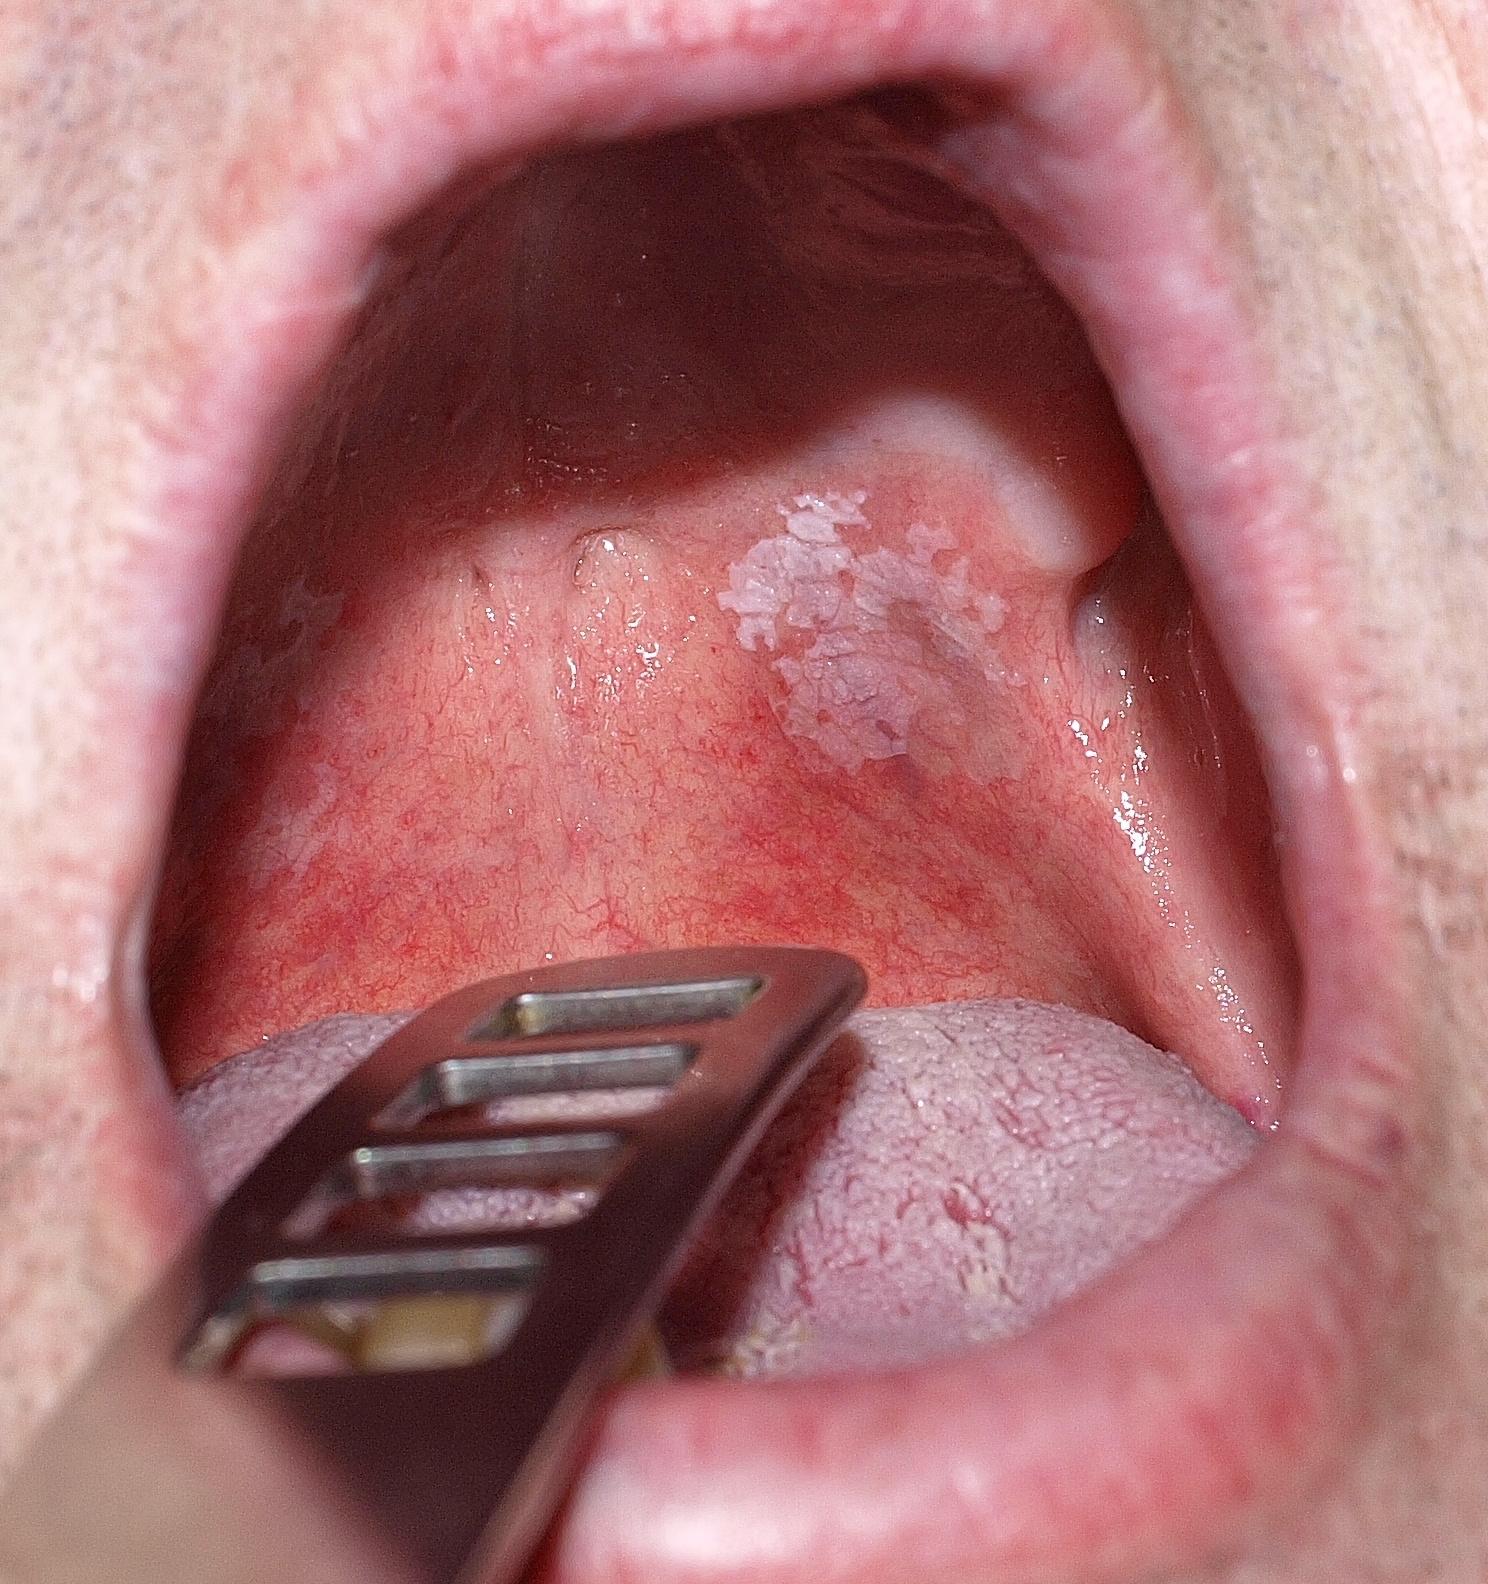 szemölcsök a szájban a nyelven